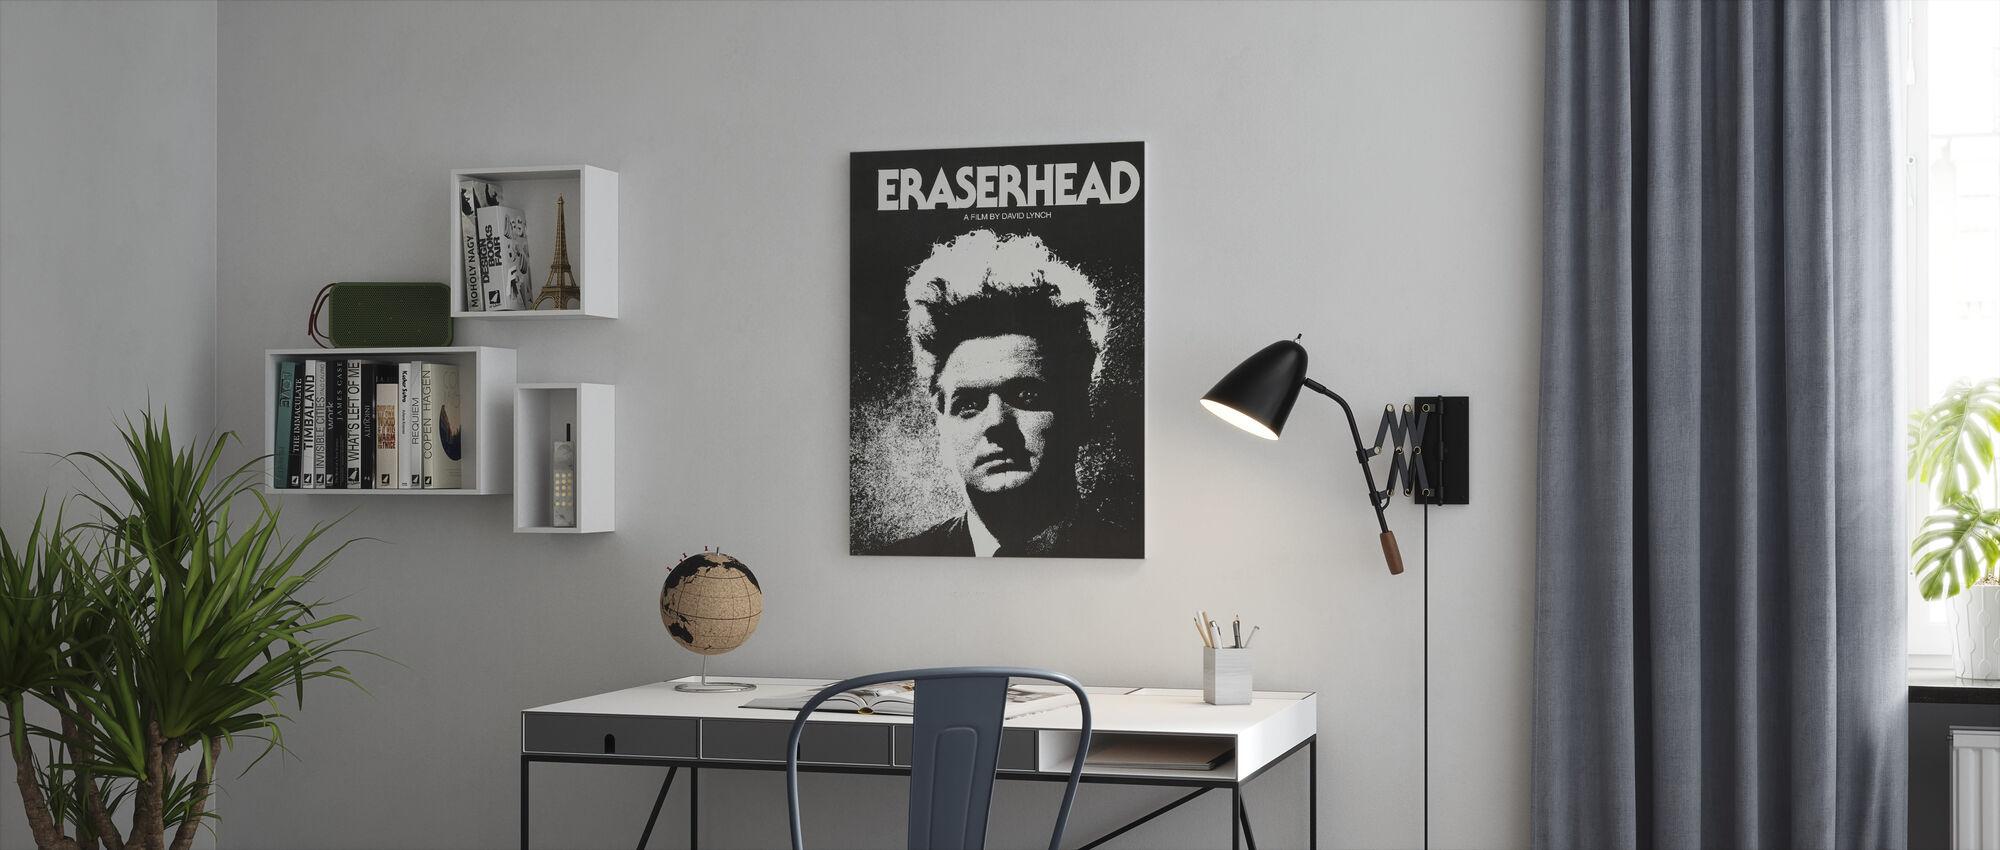 Eraserhead - Canvastaulu - Toimisto